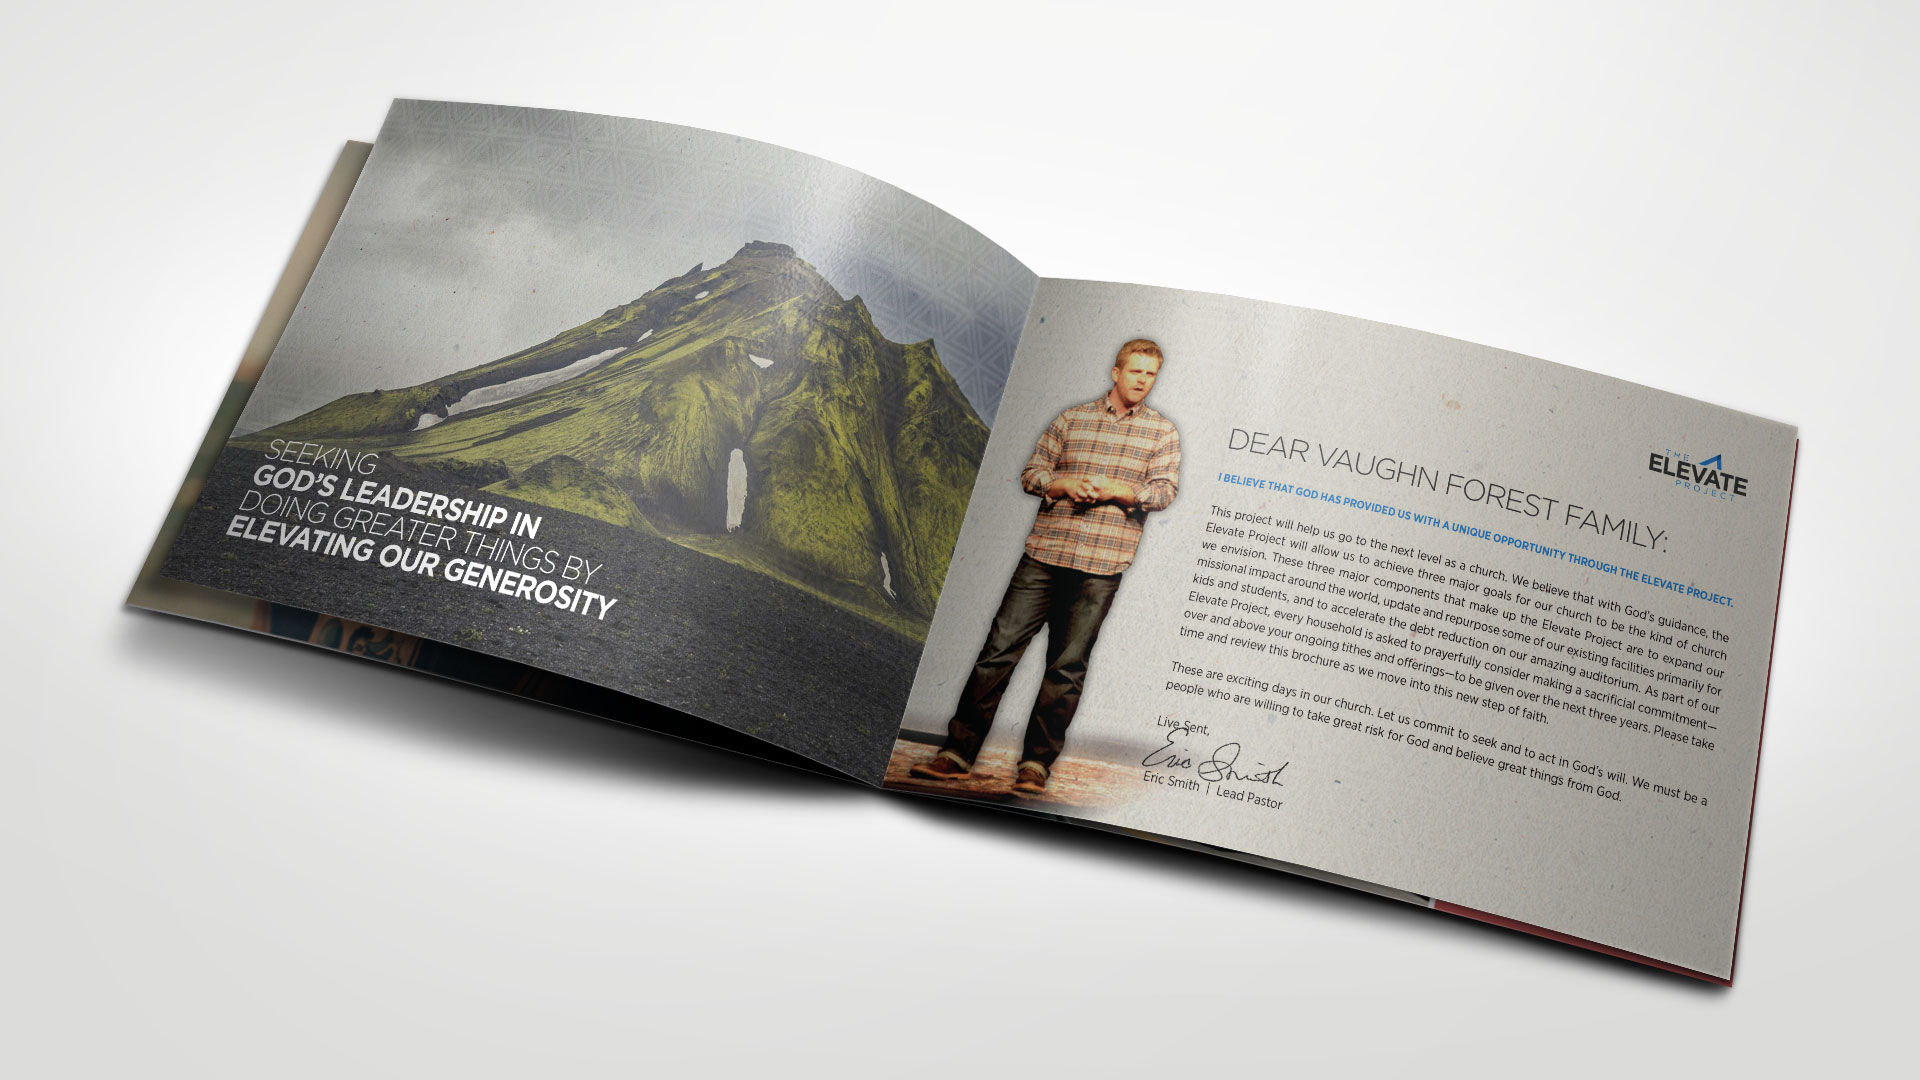 Vaughn Forest - Impact Stewardship Resources, Inc